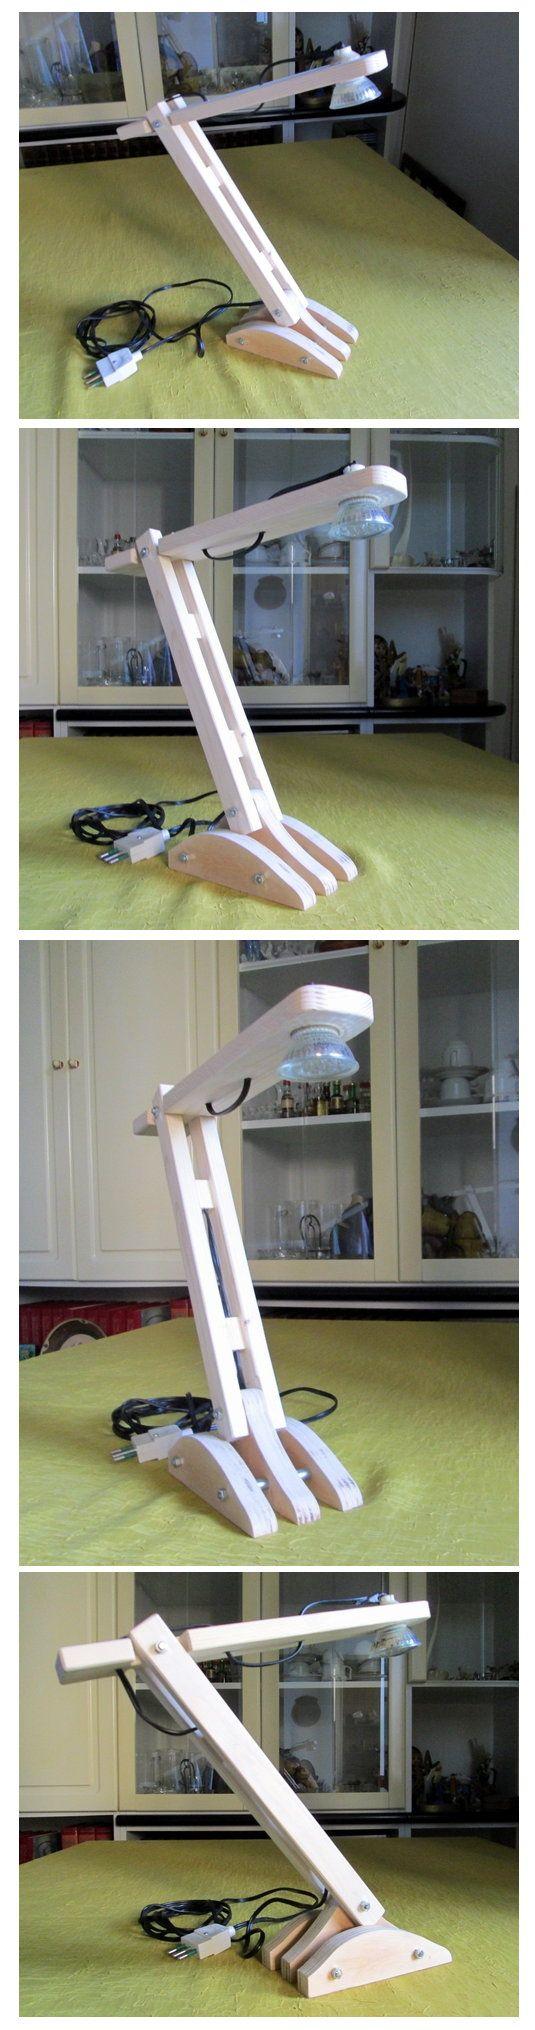 Lampada da tavolo in legno e illuminazione a diodi led https://www.facebook.com/pages/Fai-da-te-Forum/257932964363080?ref=hl